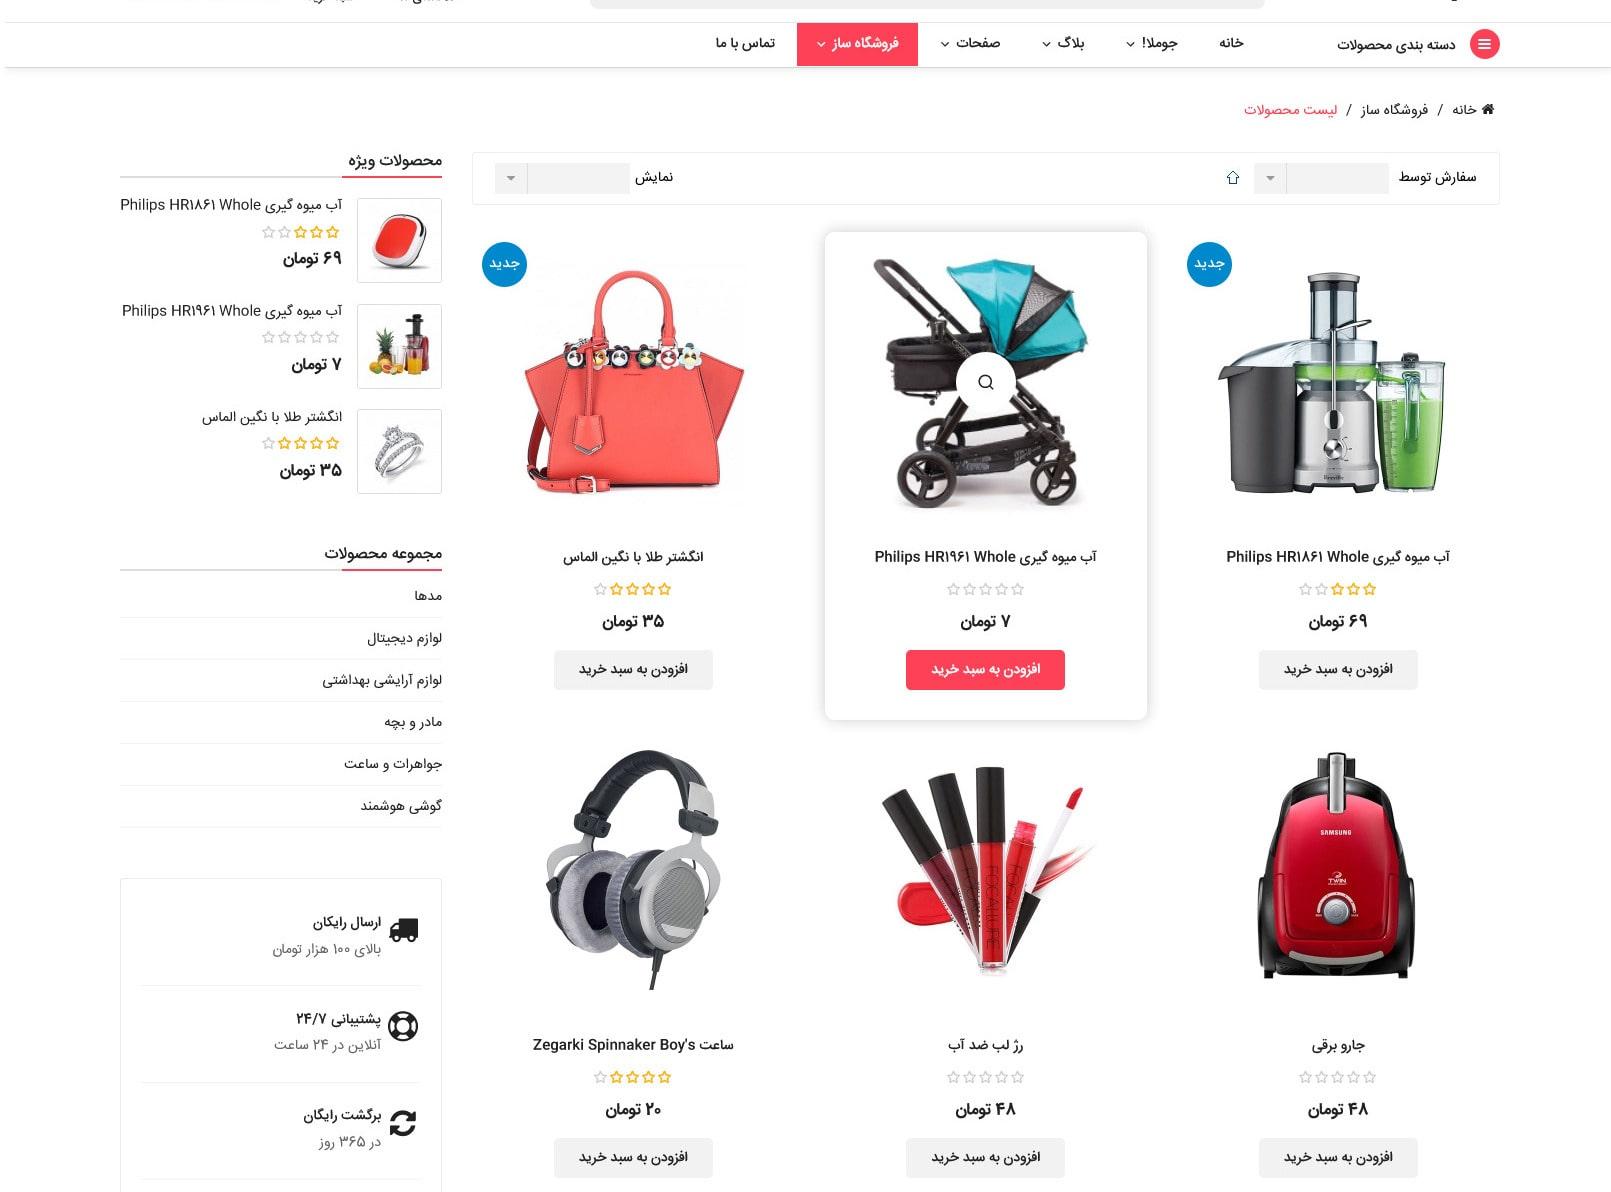 بخش کاربری جومشاپینگ - لیست محصولات